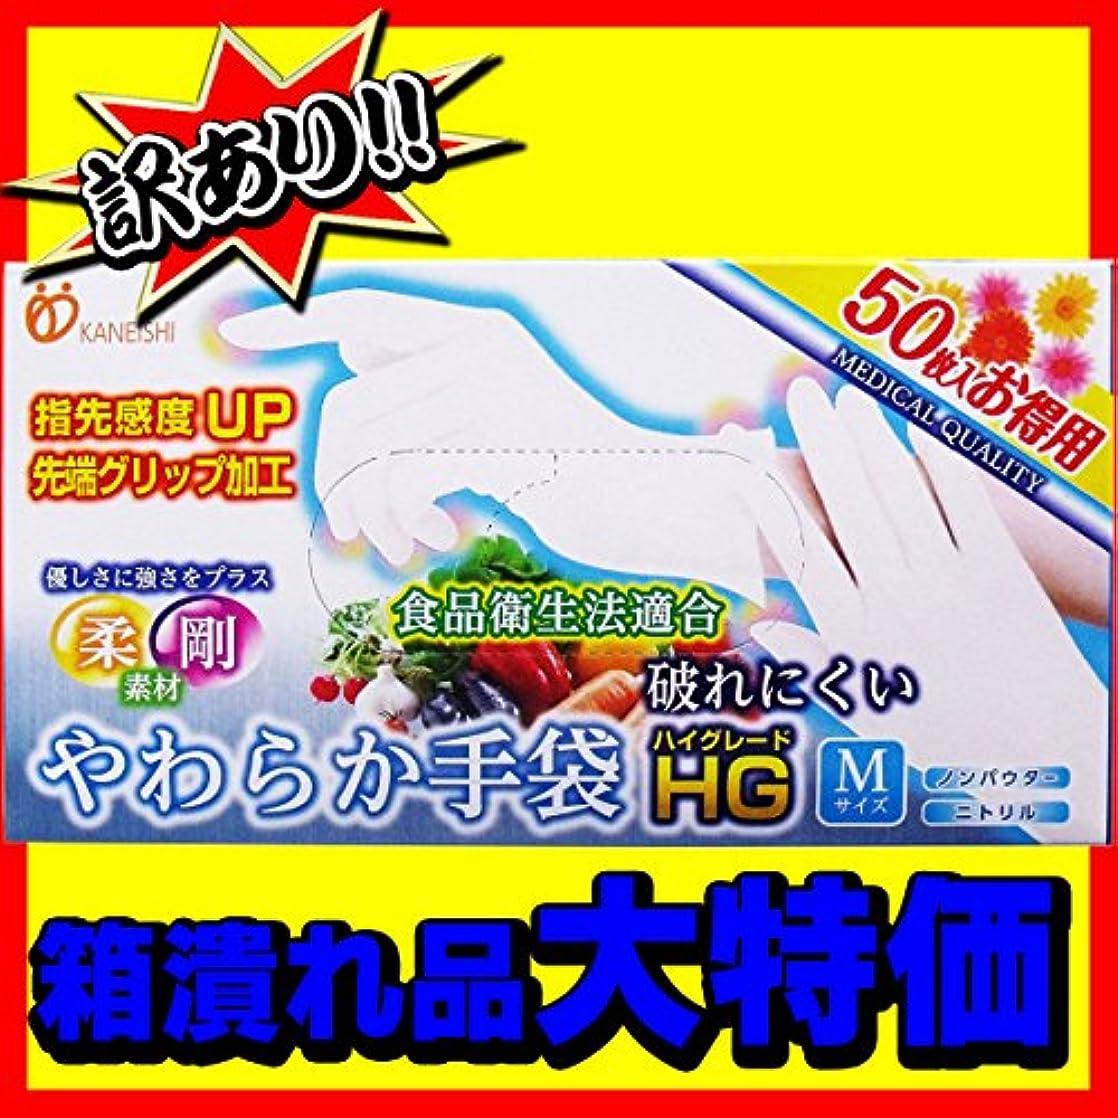 メンバー罪法律【訳あり】 やわらか手袋HG(ハイグレード) 二トリル手袋 パウダーフリー Mサイズ50枚入×10個セット